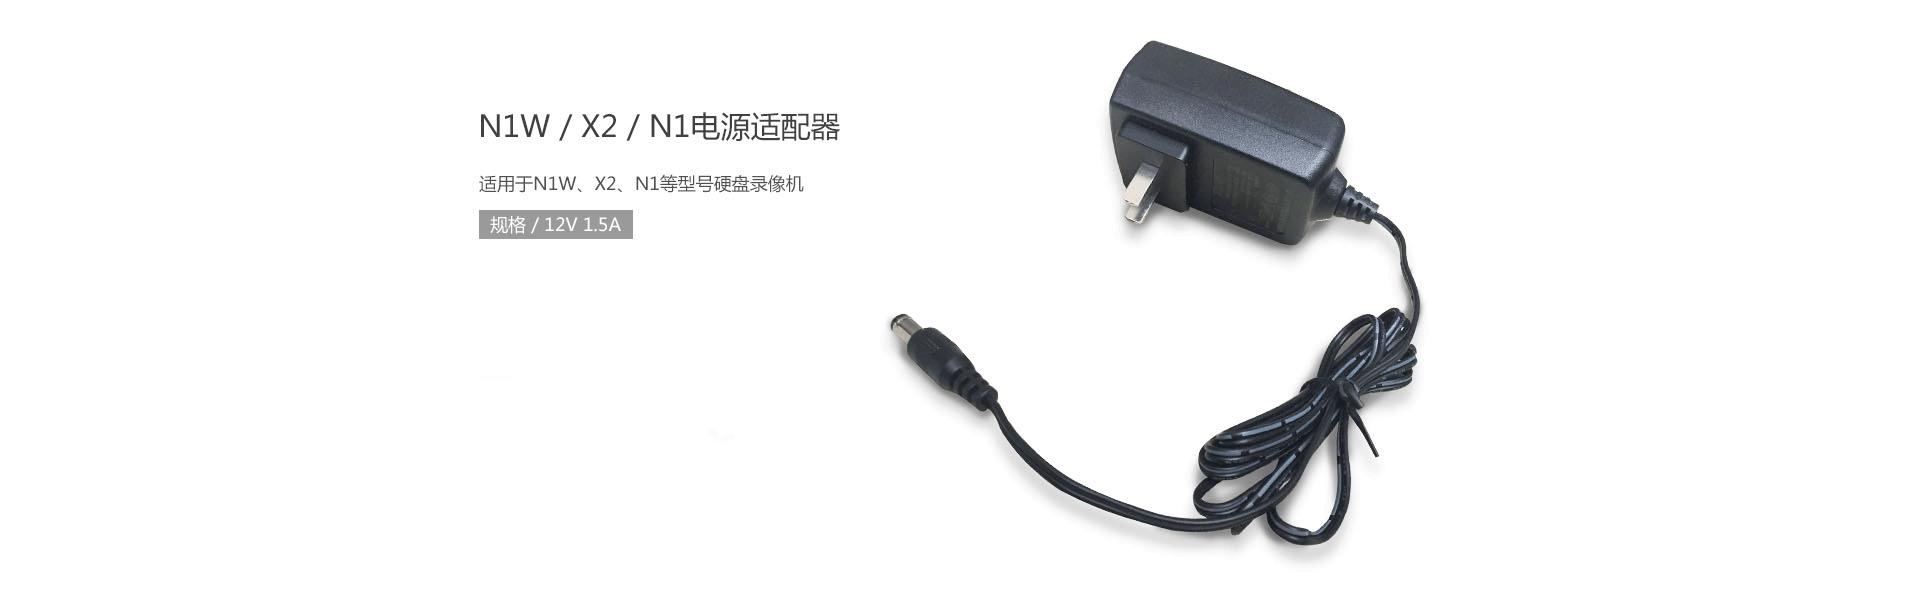 修改-N1W-X2-N1电源适配器-Web.gif